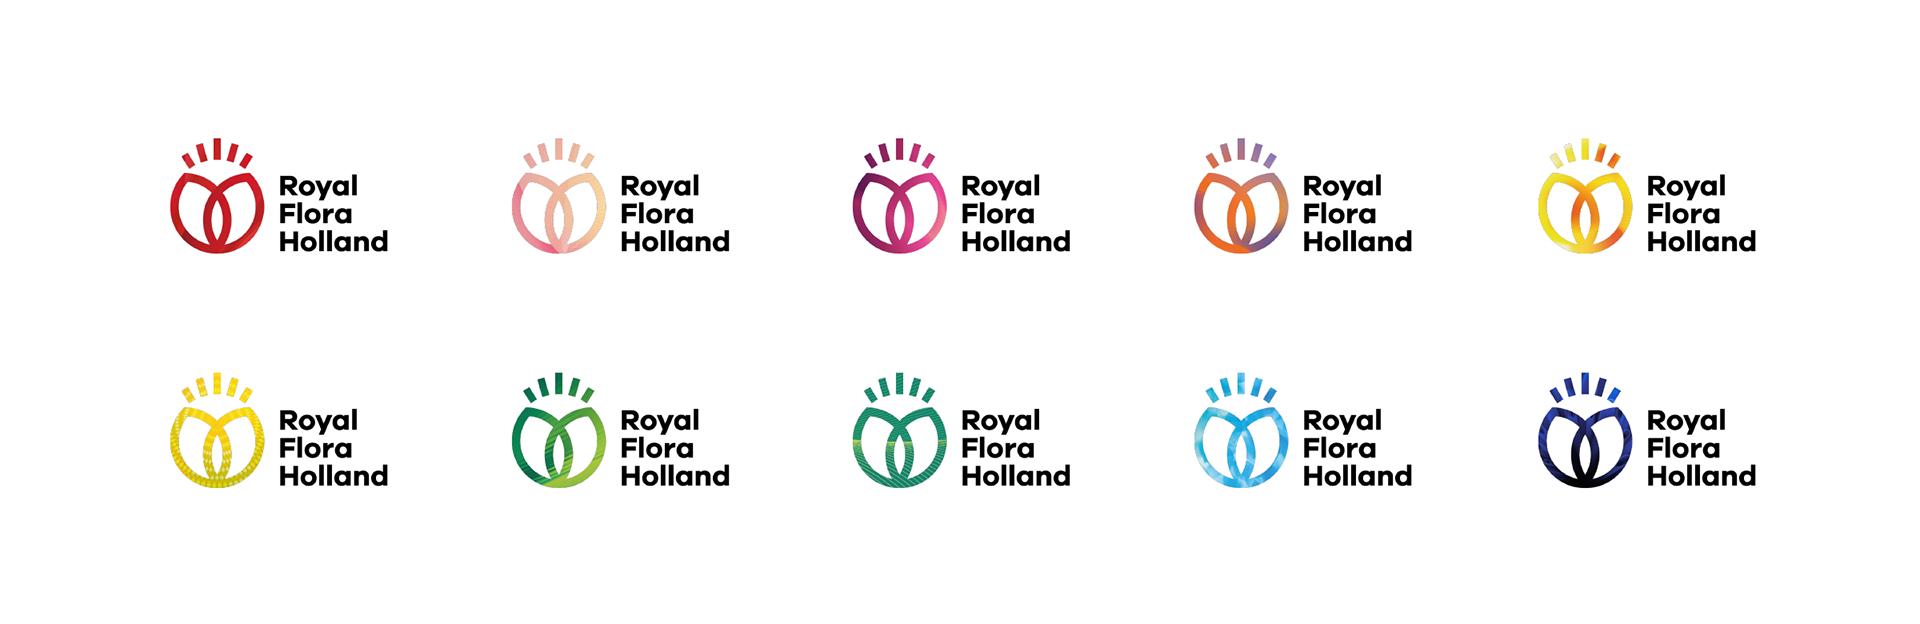 荷蘭鮮花交易網站FloraHolland品牌形象設計